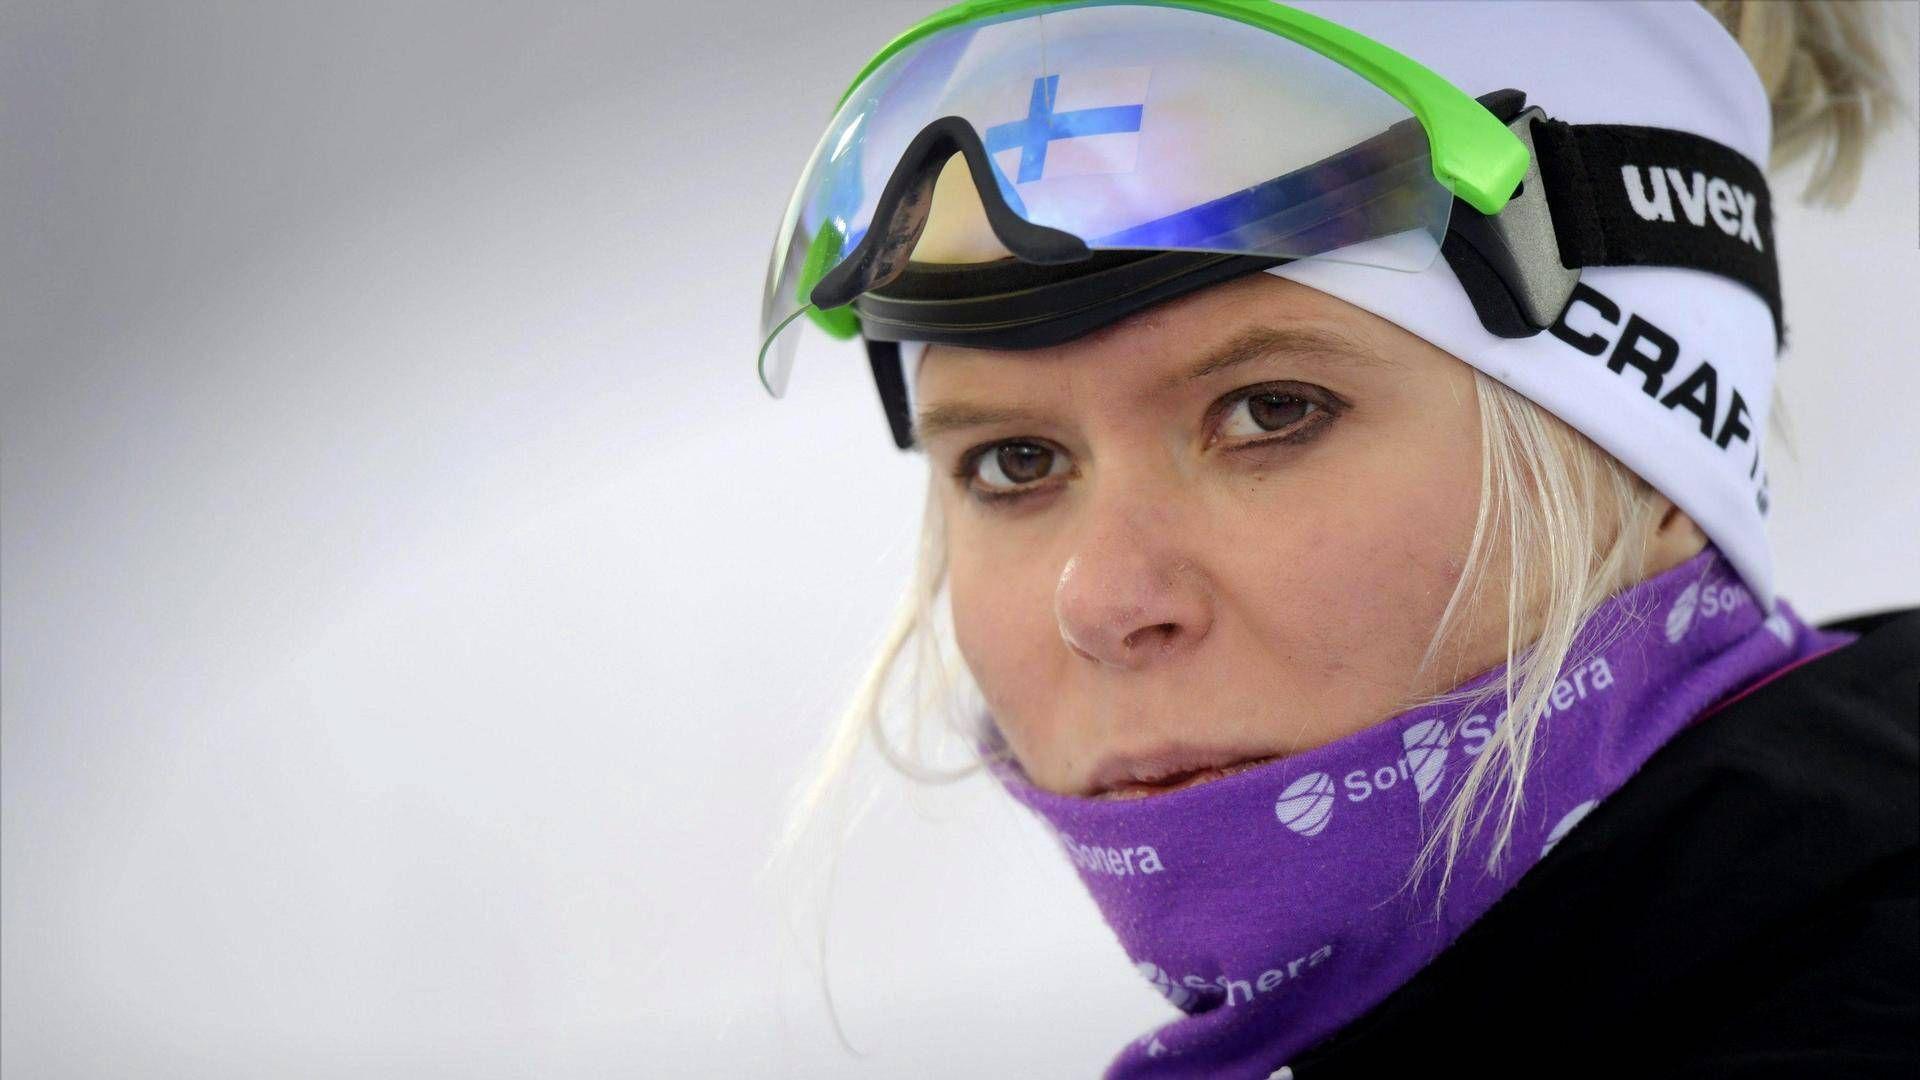 Laukkanen hiihti jatkoon sprinttikarsinnasta - Maastohiihto - Ilta-Sanomat